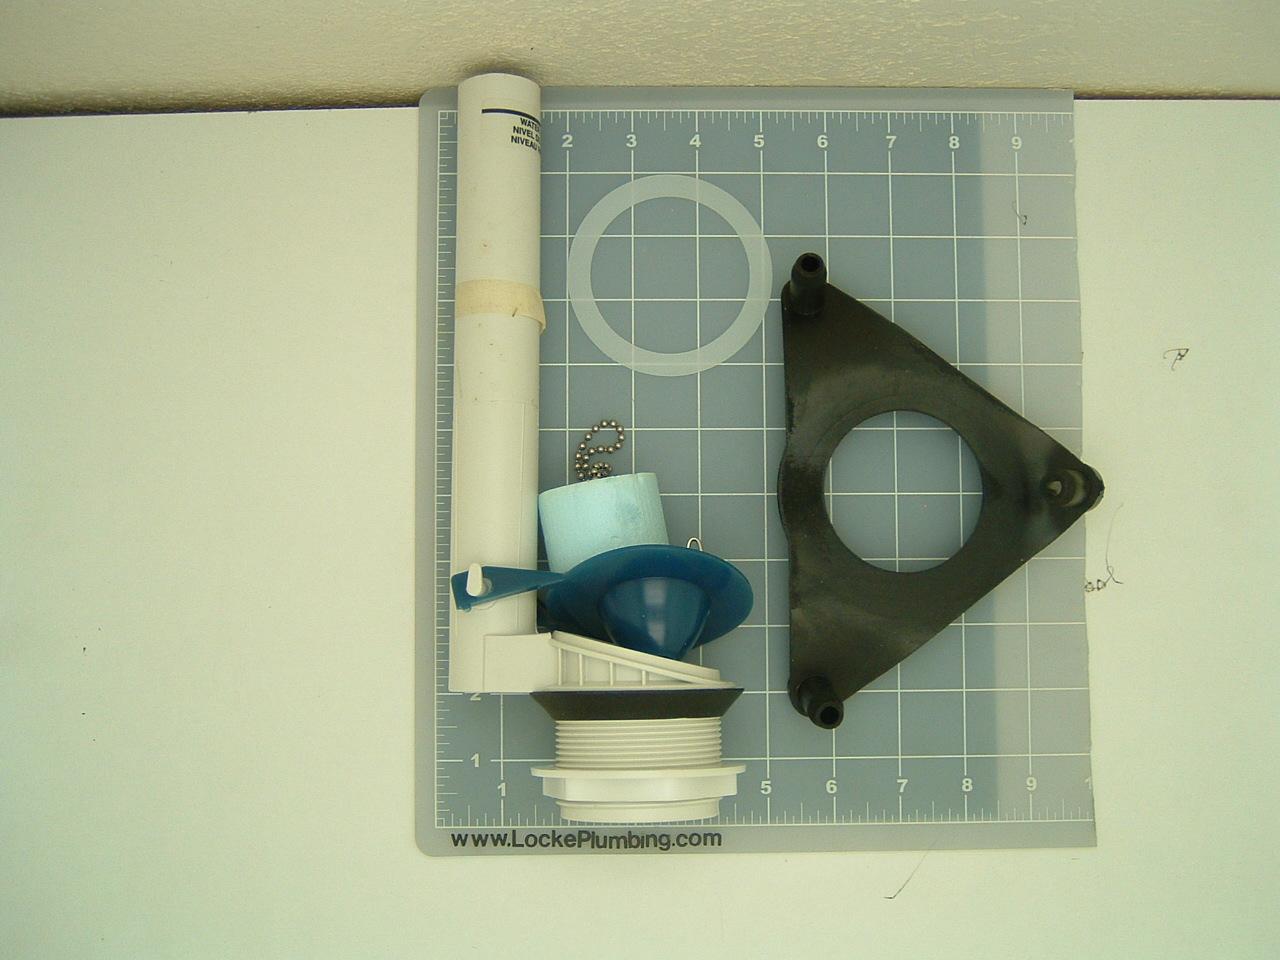 Kohler 87373 Flush Valve Kit Locke Plumbing